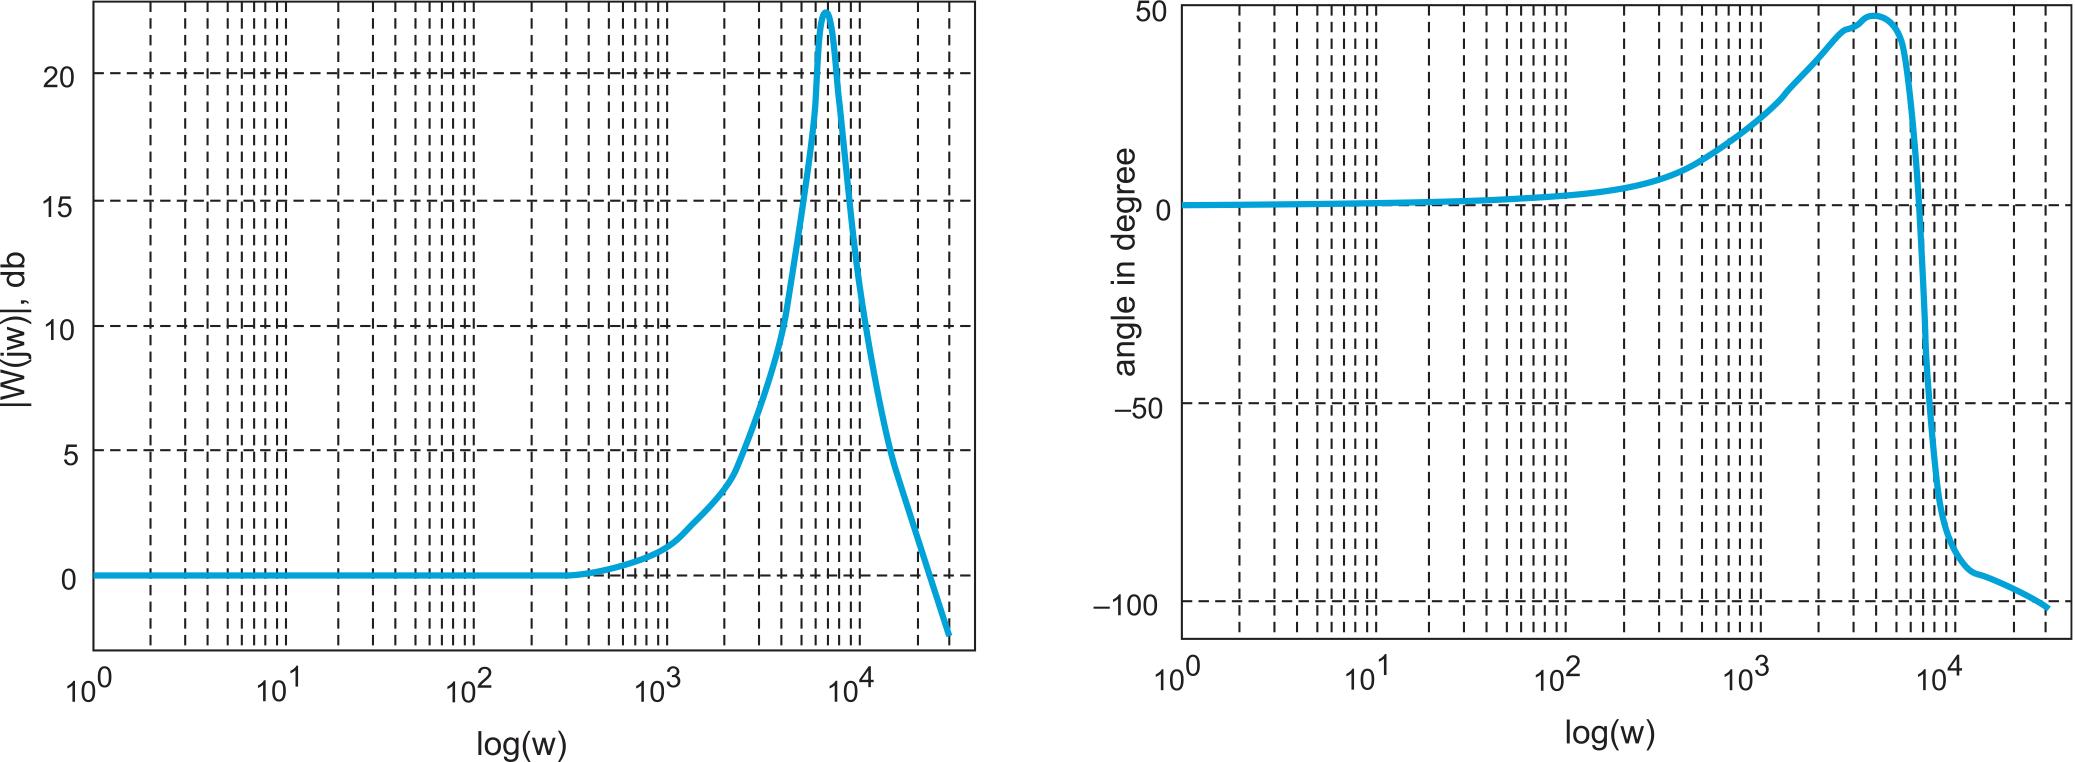 Логарифмические частотные характеристики двухфазного повышающего преобразователя, построенные по экспериментальной кривой разгона входного тока id